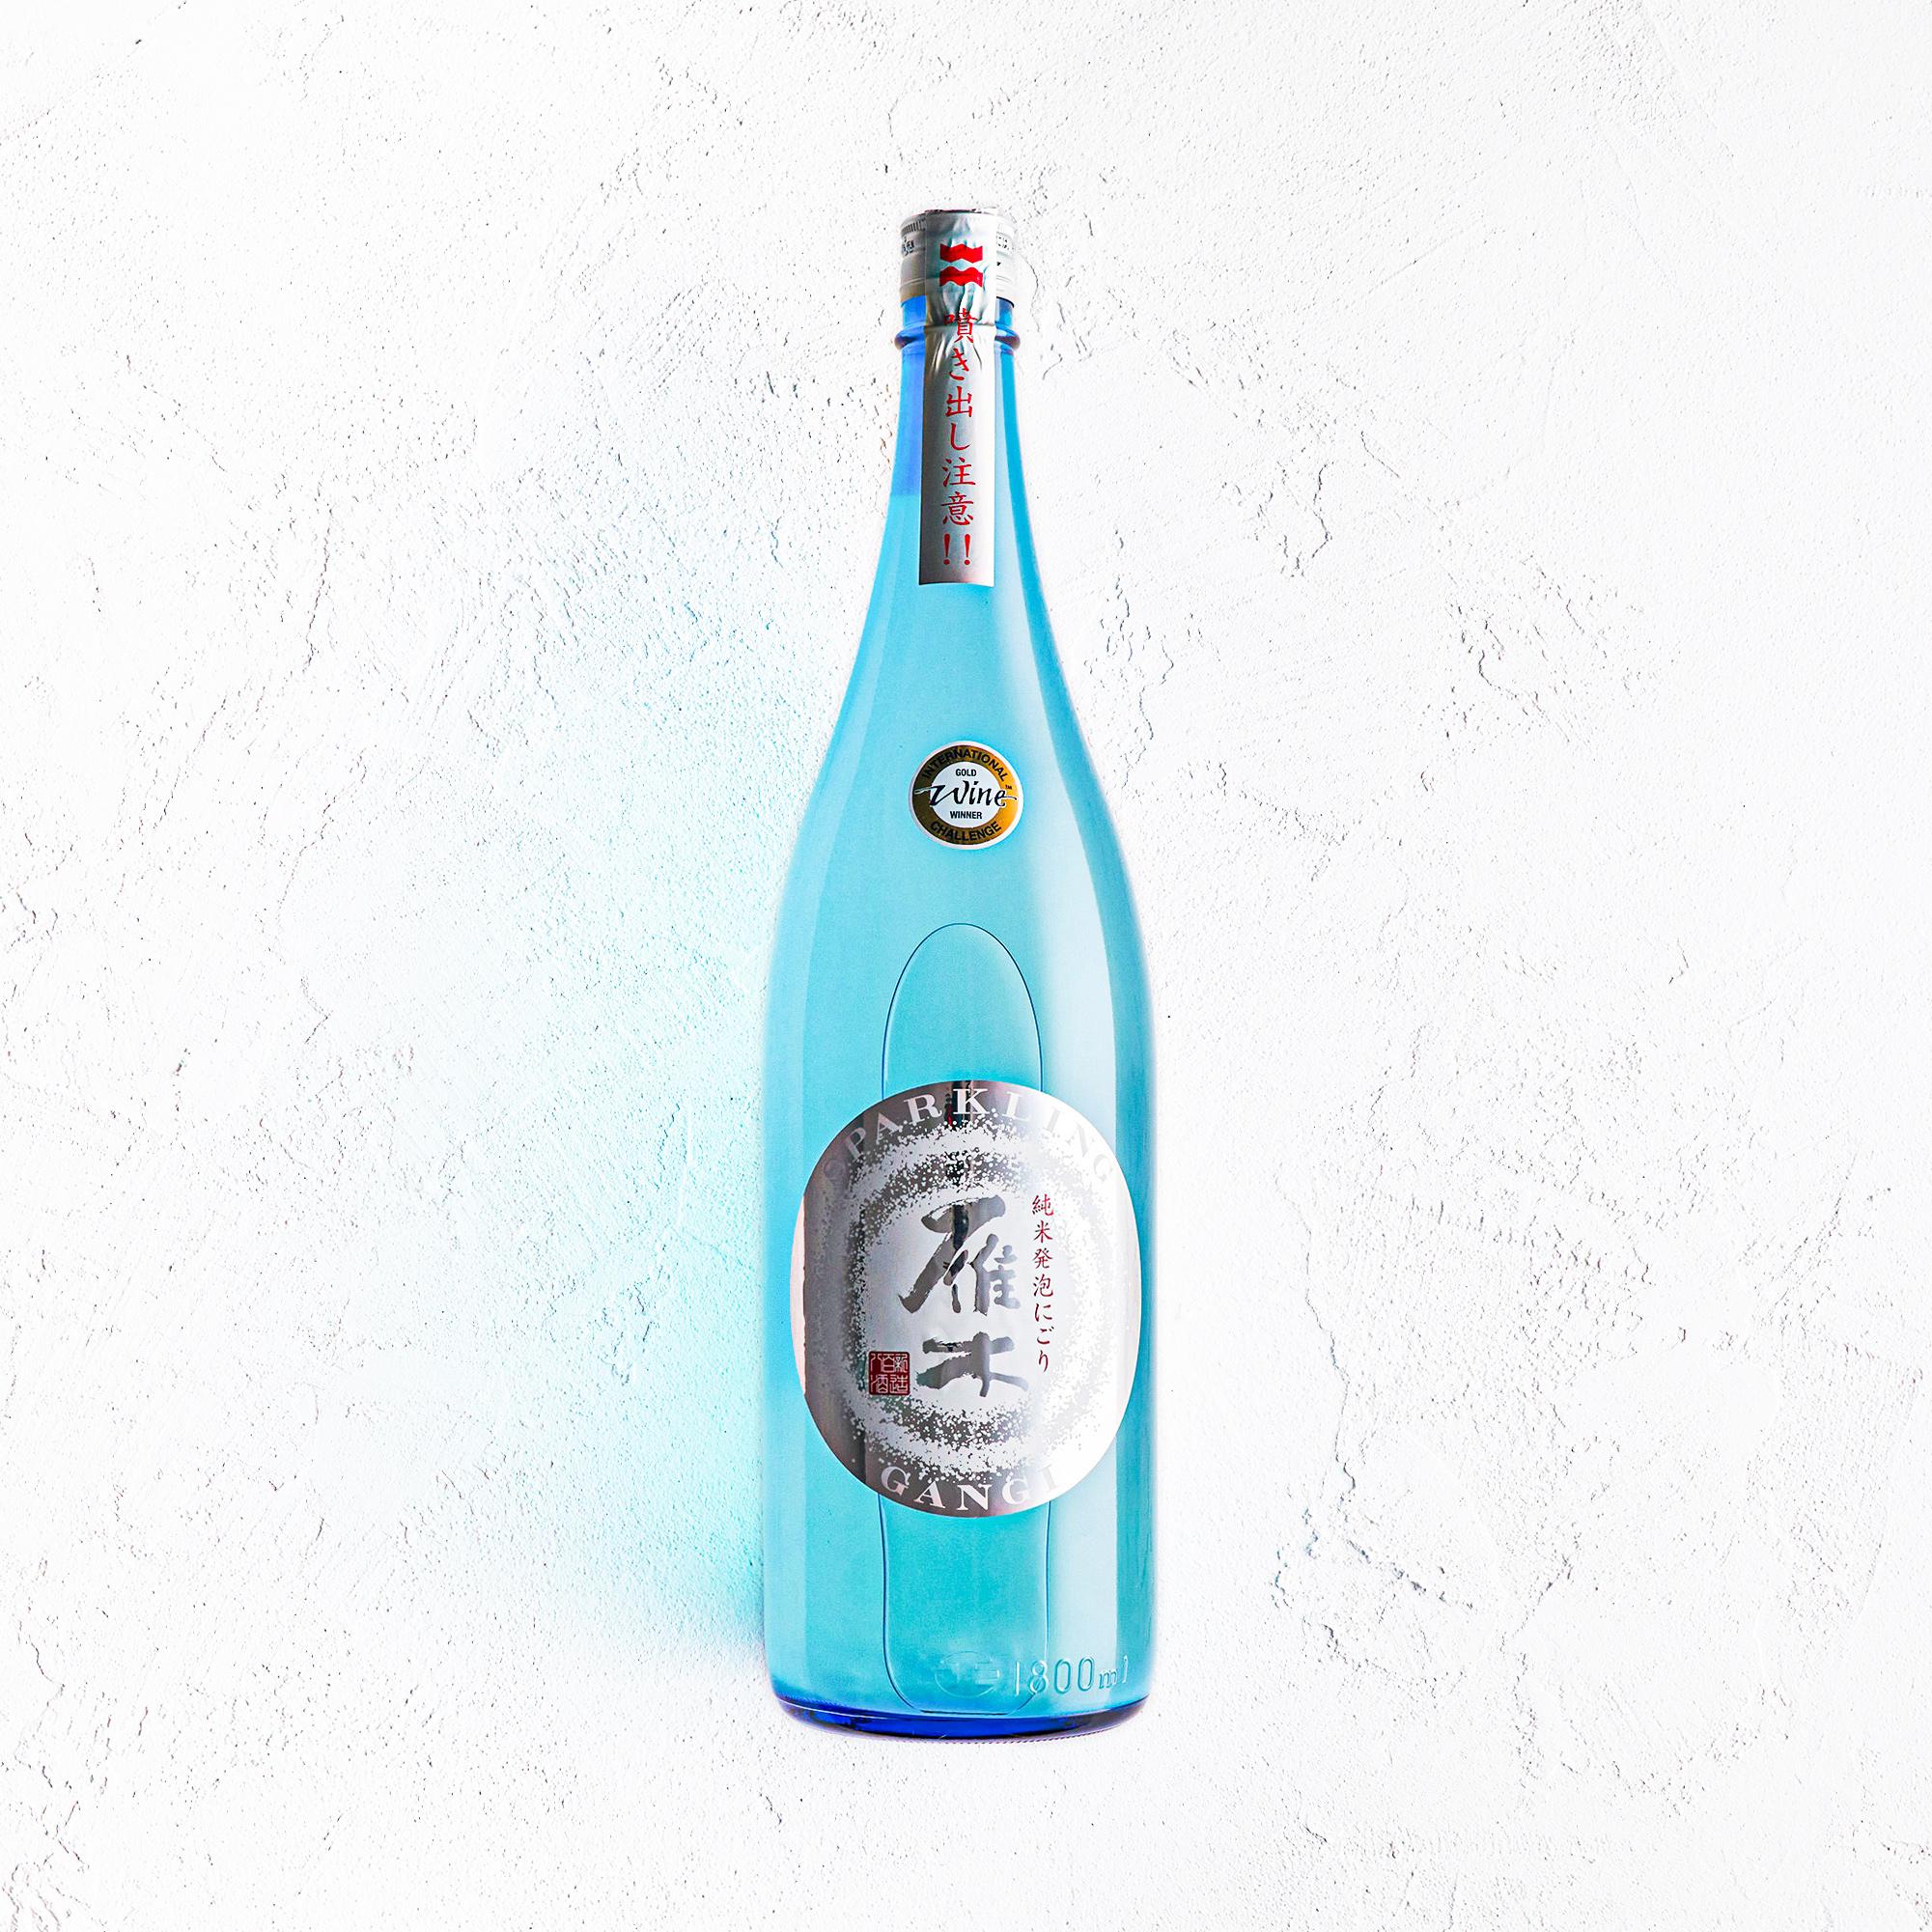 雁木 純米発泡にごり生原酒 スパークリング